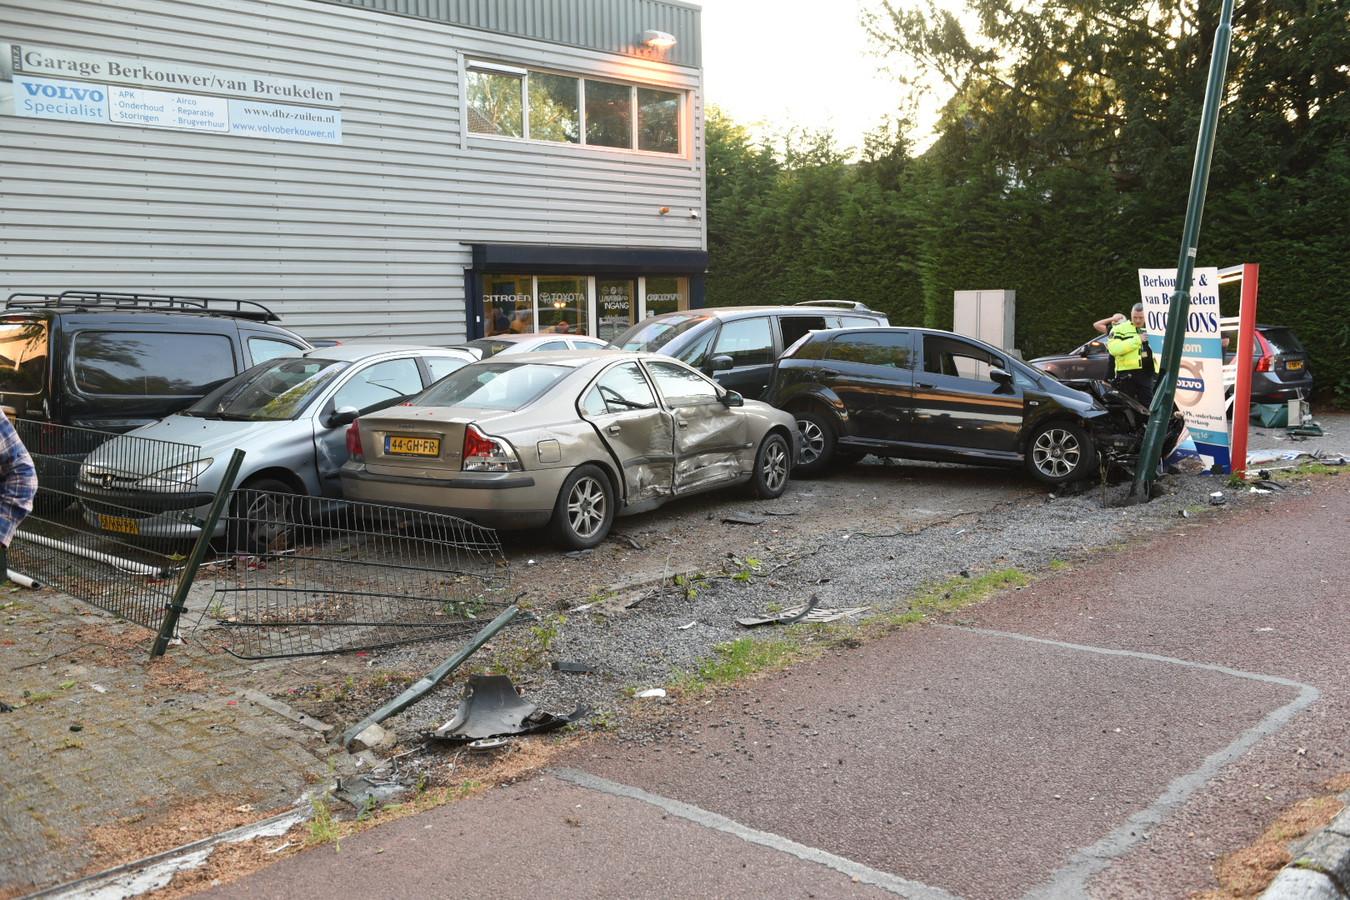 De ravage voor het garagebedrijf in Maarssen.